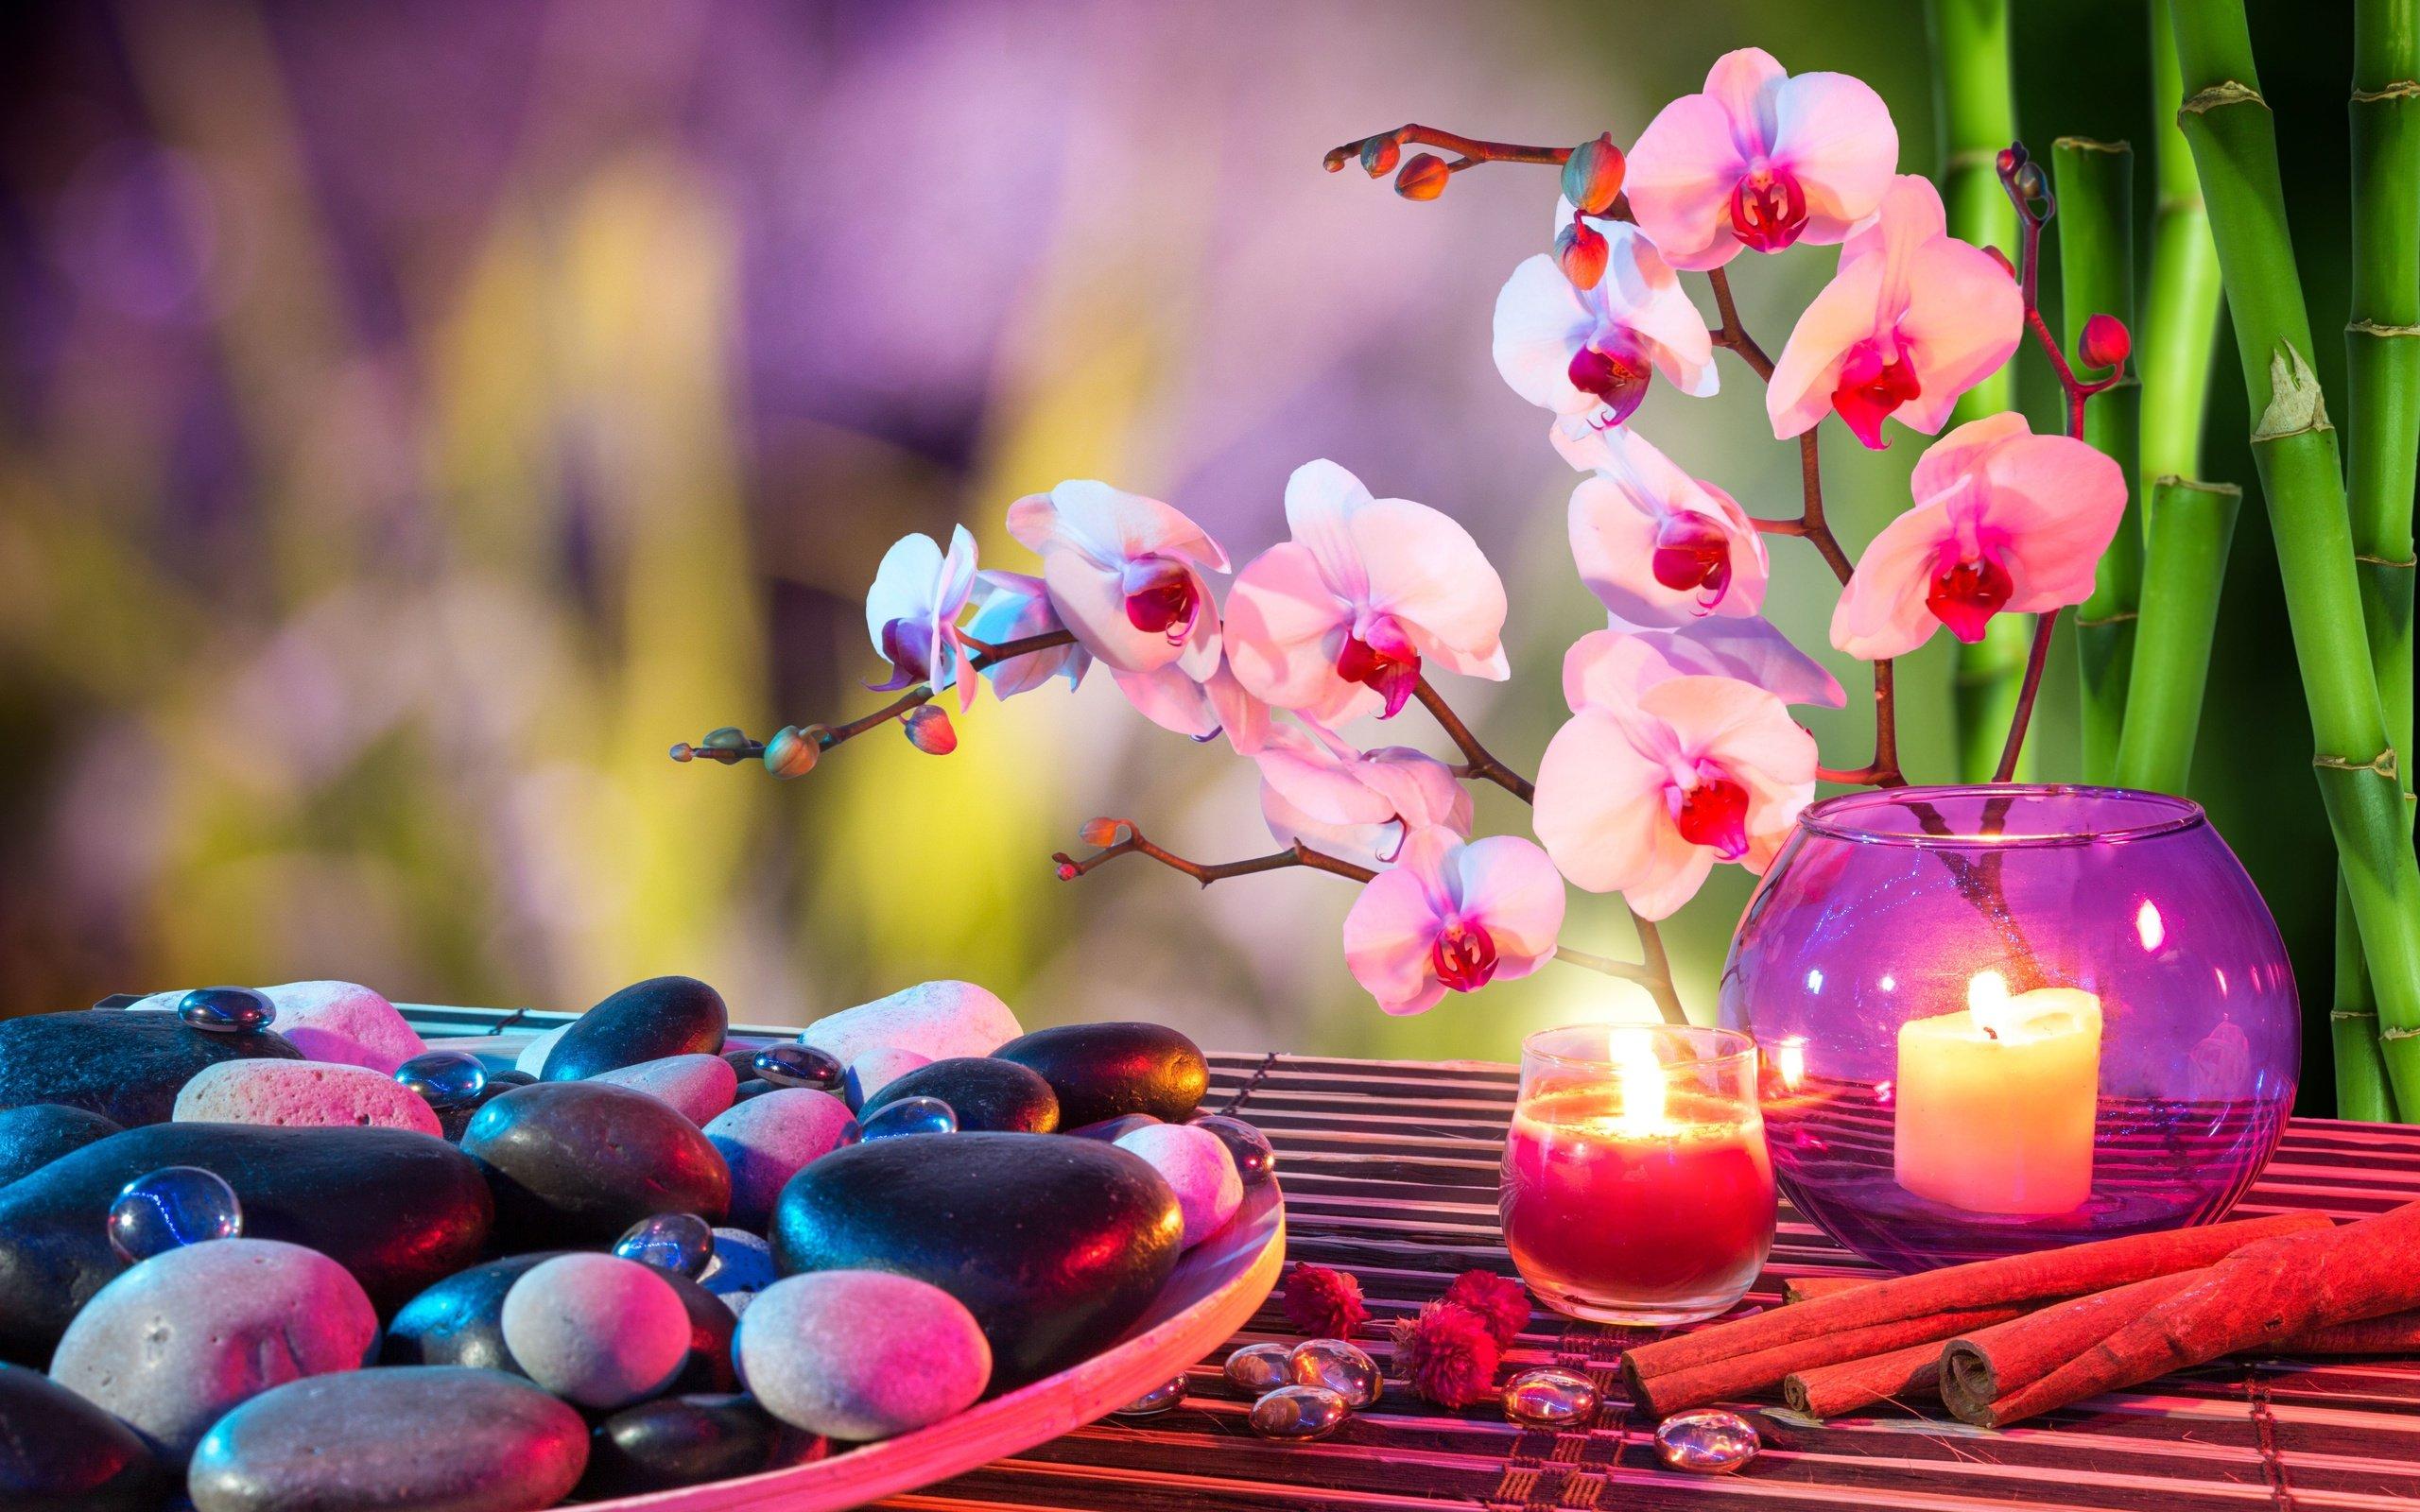 Heart stones candles orchids towels bamboo bokeh mood f for Armonia en el hogar decoracion